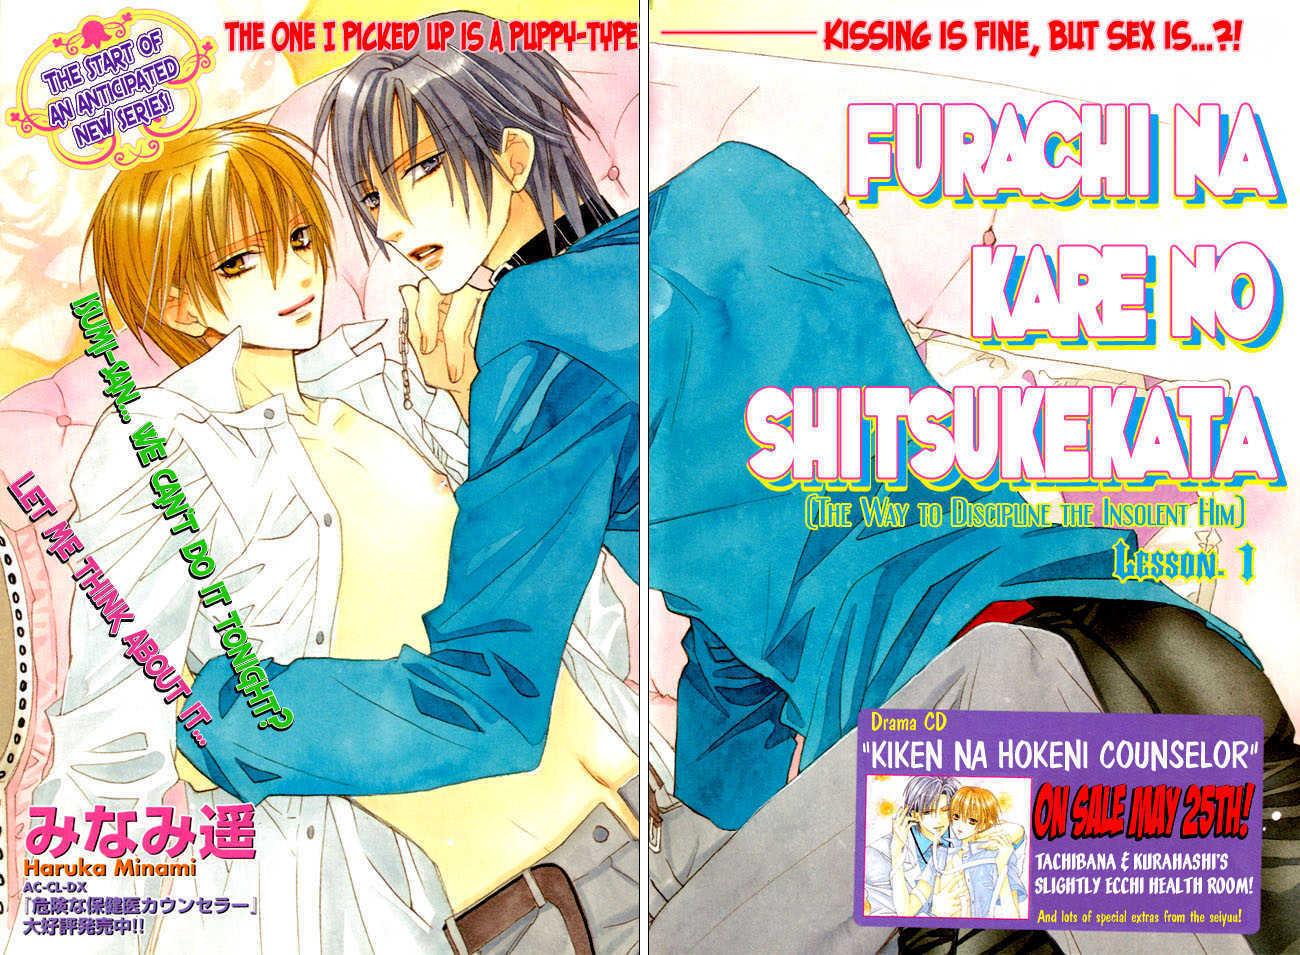 Furachi na Kare no Shitsukekata 1 Page 3